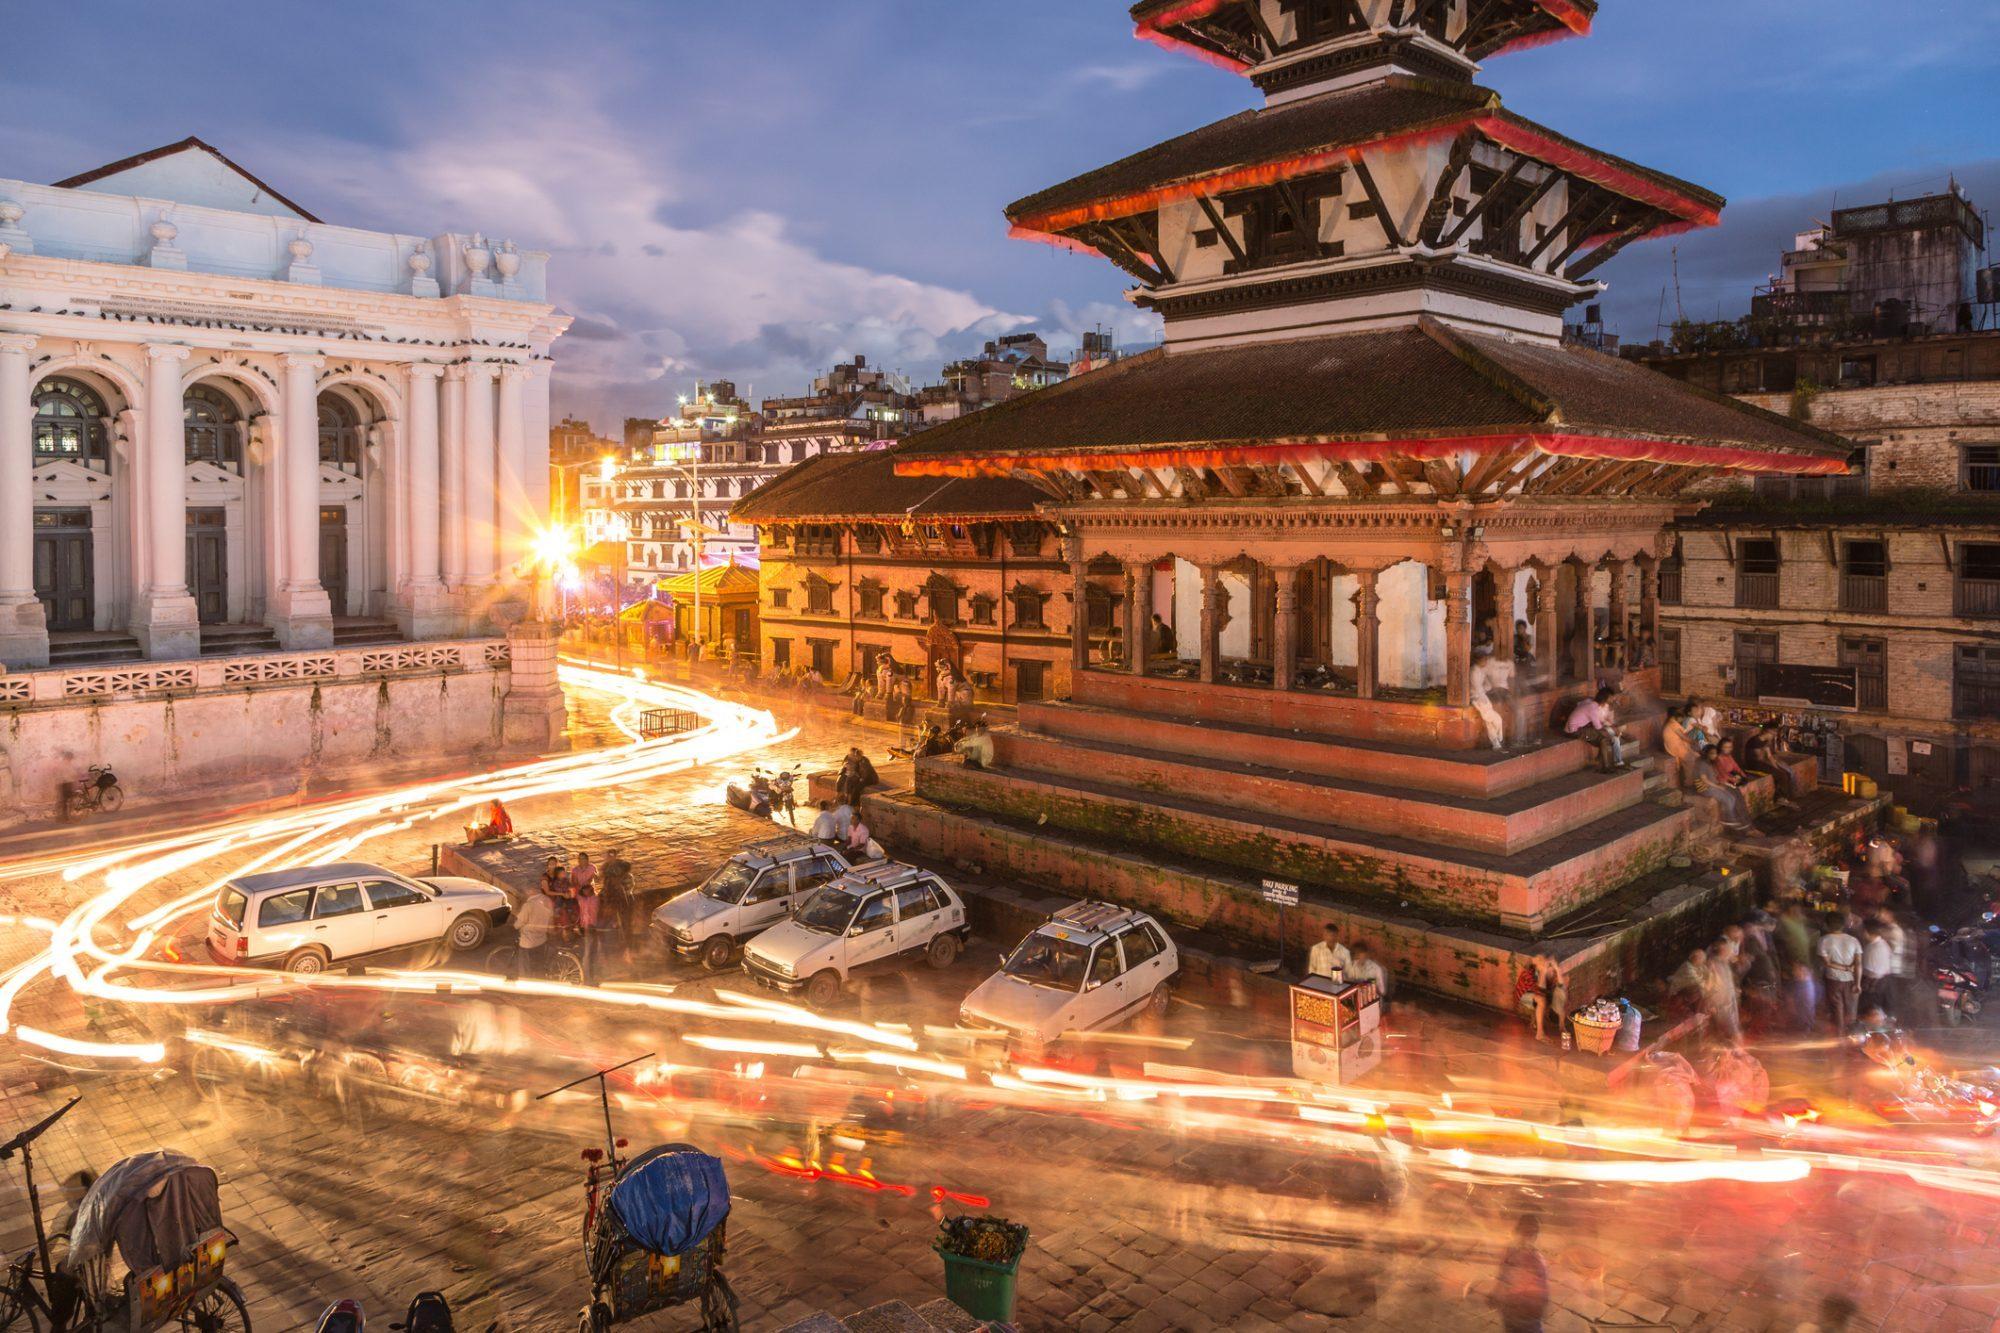 венский вальс фото билета в непал территории отеля можно